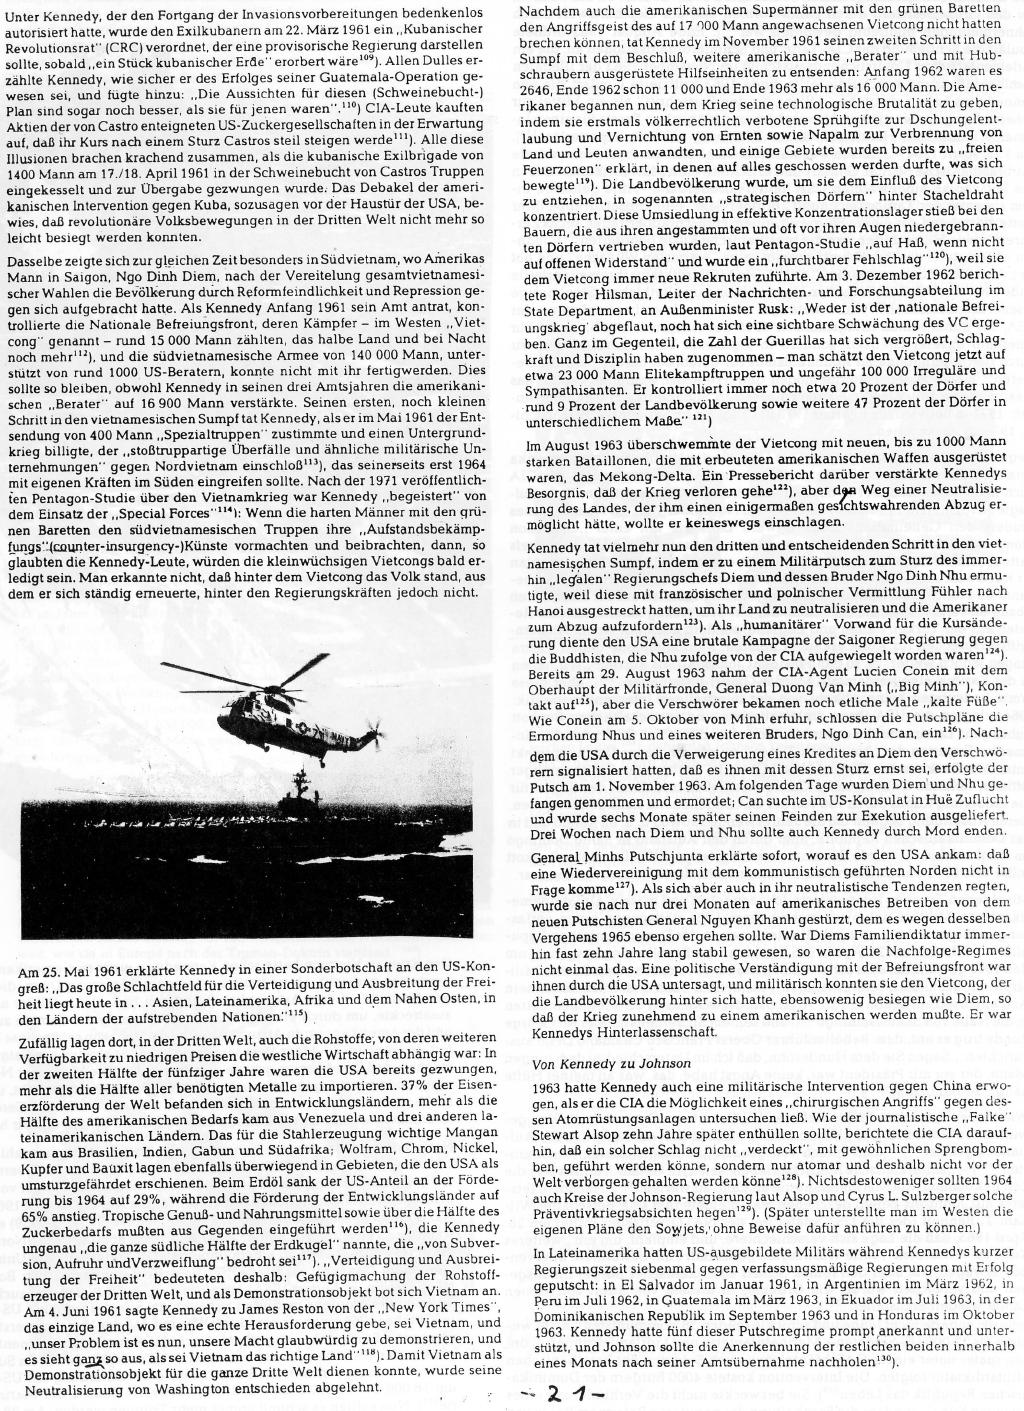 Bremen_1980_NATO_Broschuere_21